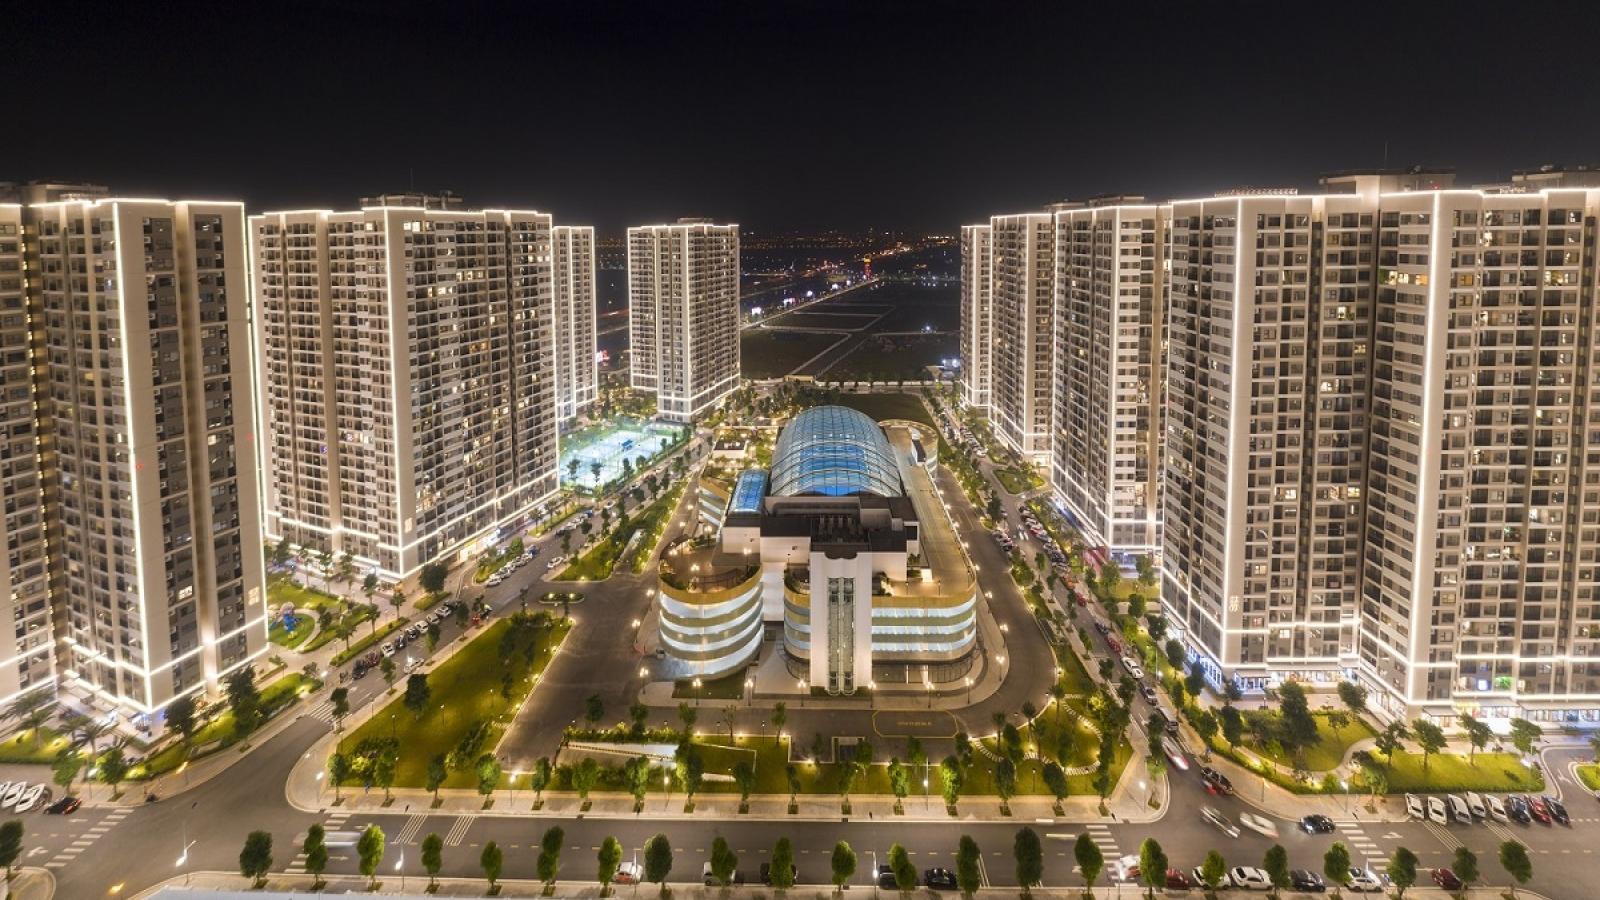 Hàng nghìn ứng viên tham dự đại hội tuyển dụng bất động sản lớn nhất 2021